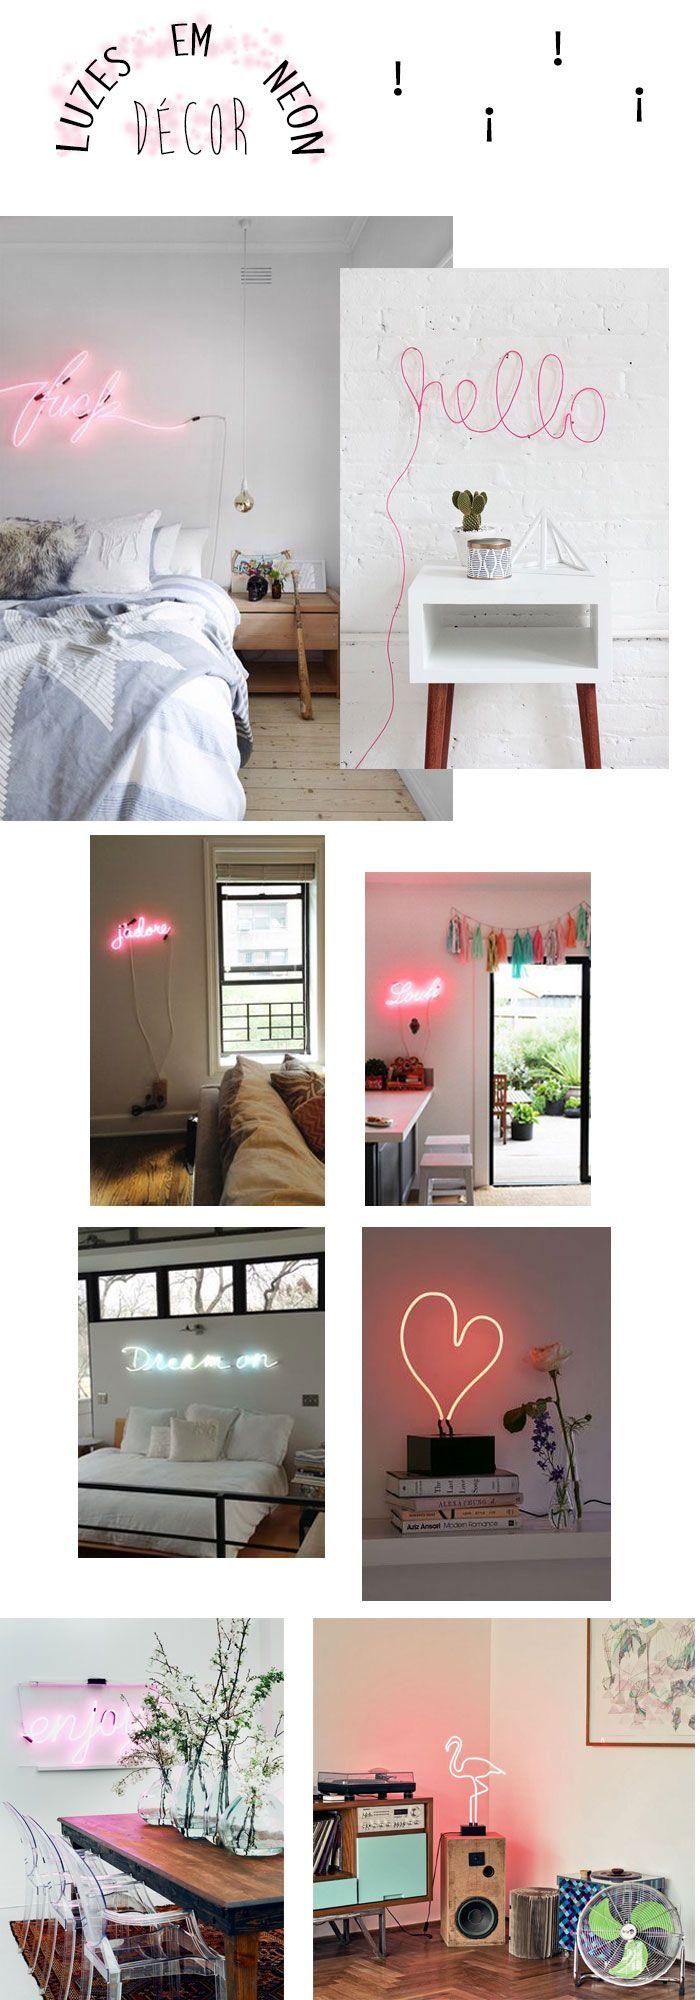 Ano novo, decor nova! Tendências de decoração fáceis de aplicar na sua casa